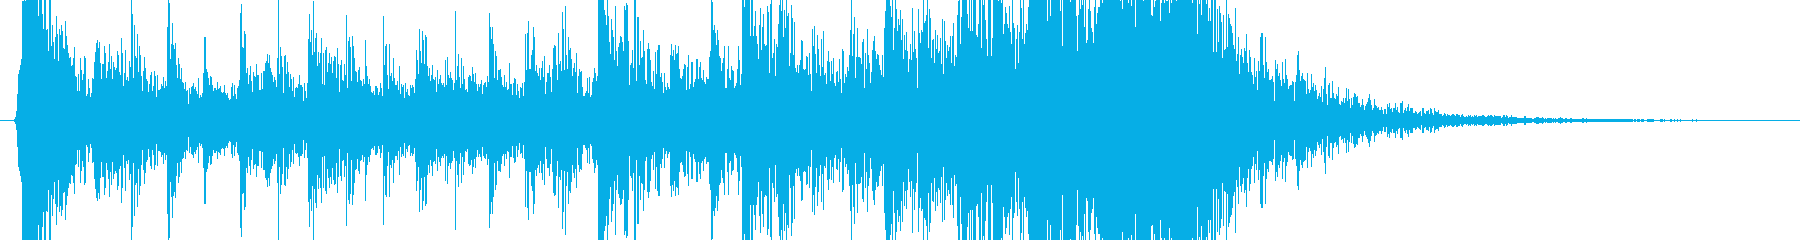 トランジション プロモーションパッ...の再生済みの波形